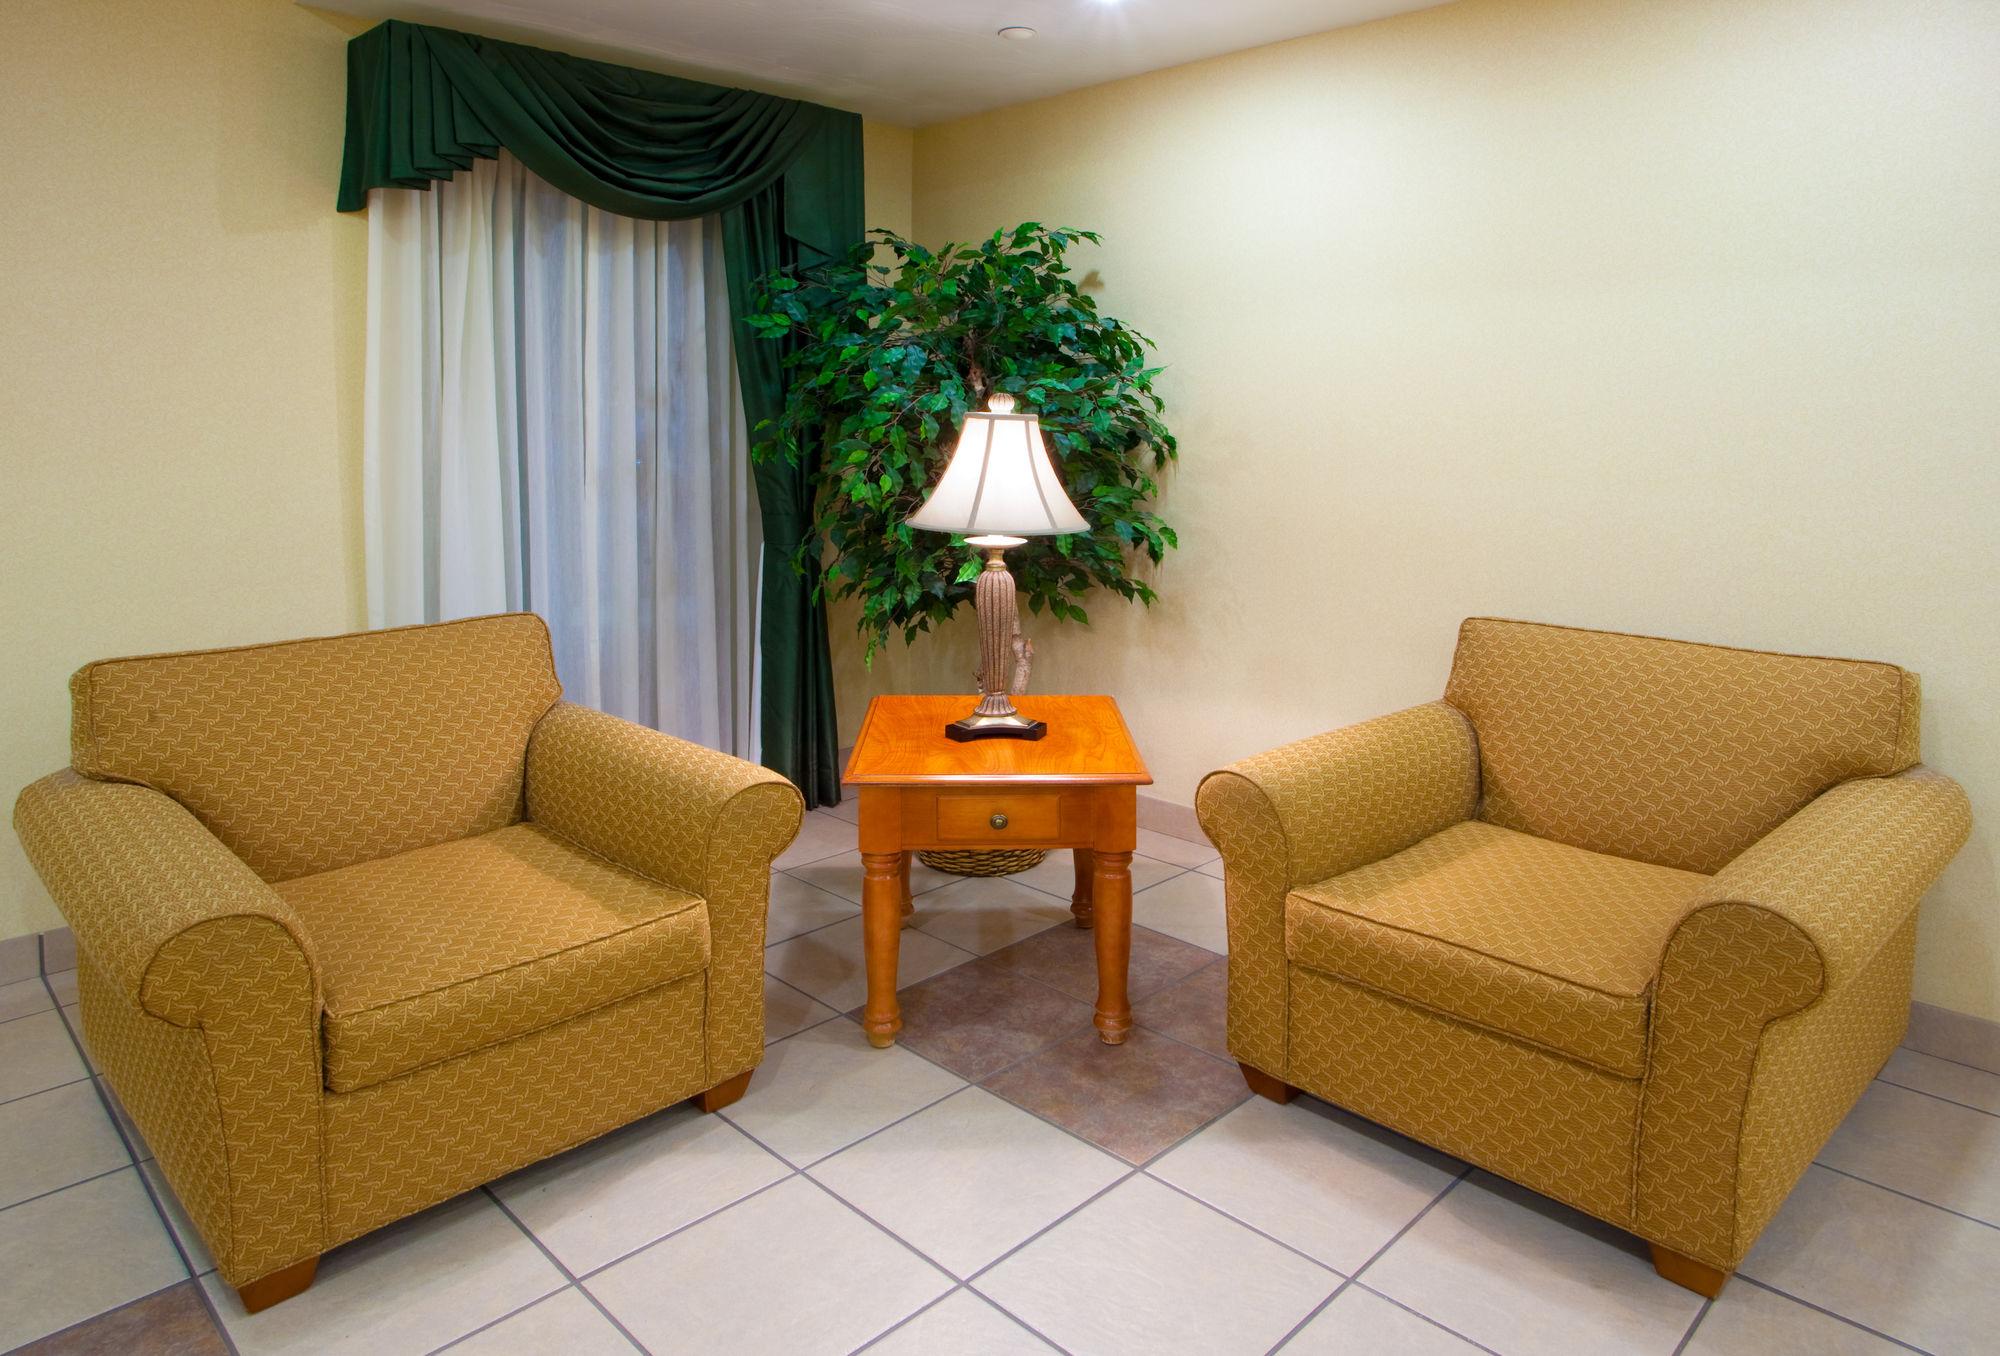 Holiday Inn Express Hotel & Suites ELKINS in Elkins, WV